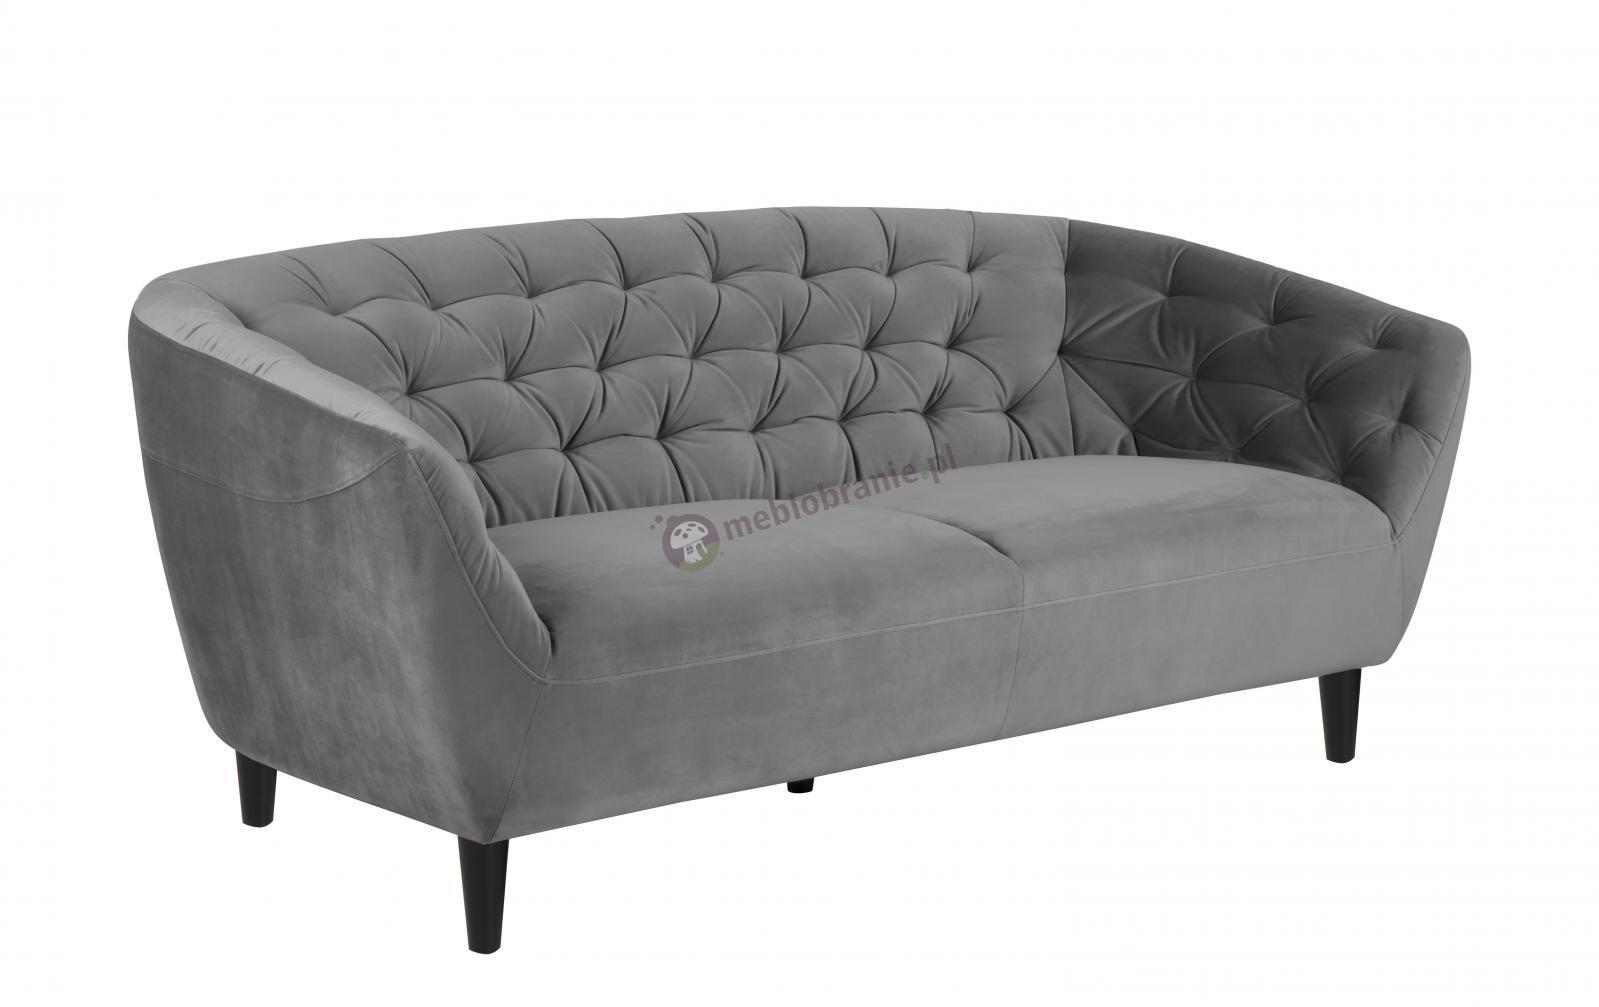 Actona Ria trzyosobowa sofa tapicerowana szarym welurem